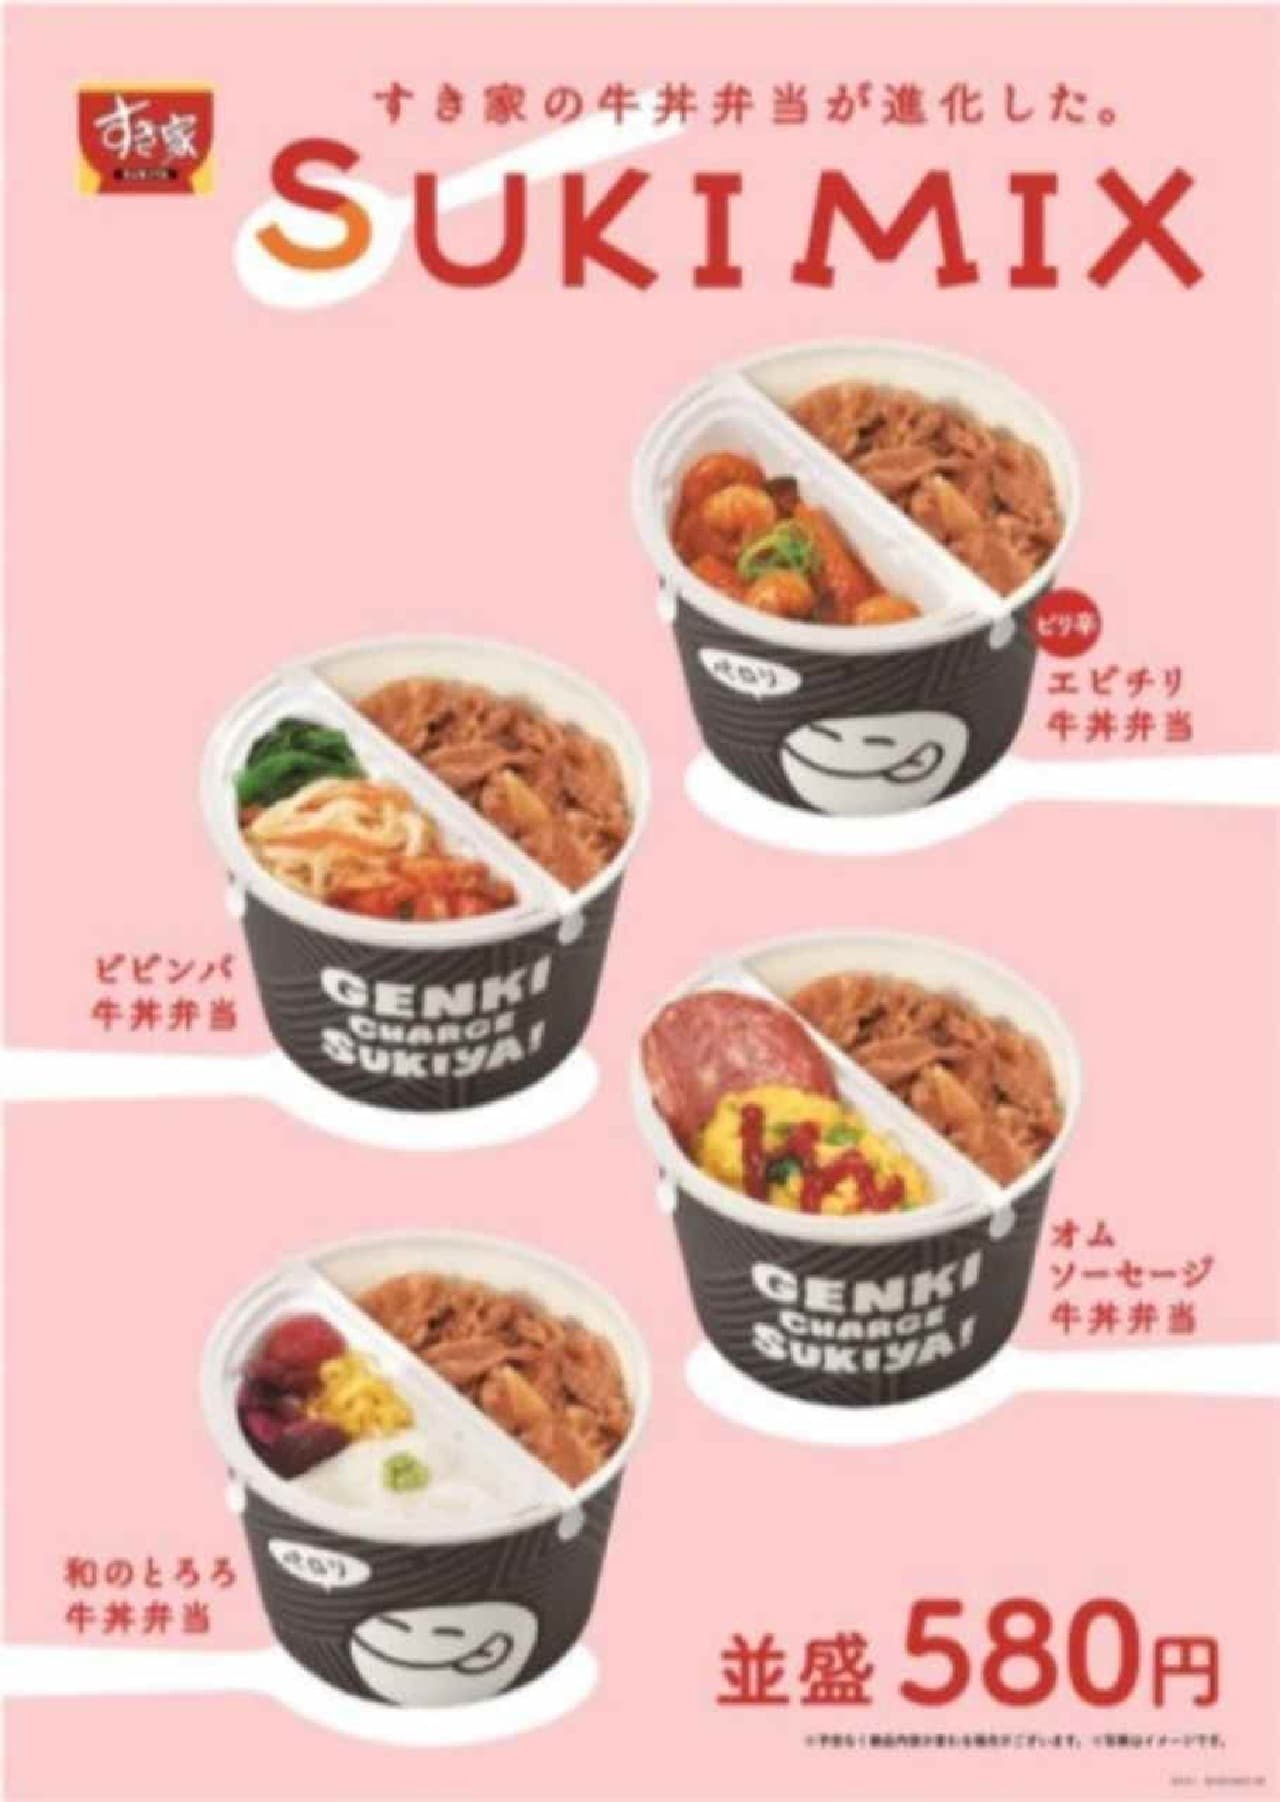 すき家 牛丼+おかずの弁当「SUKIMIX(すきミックス)」